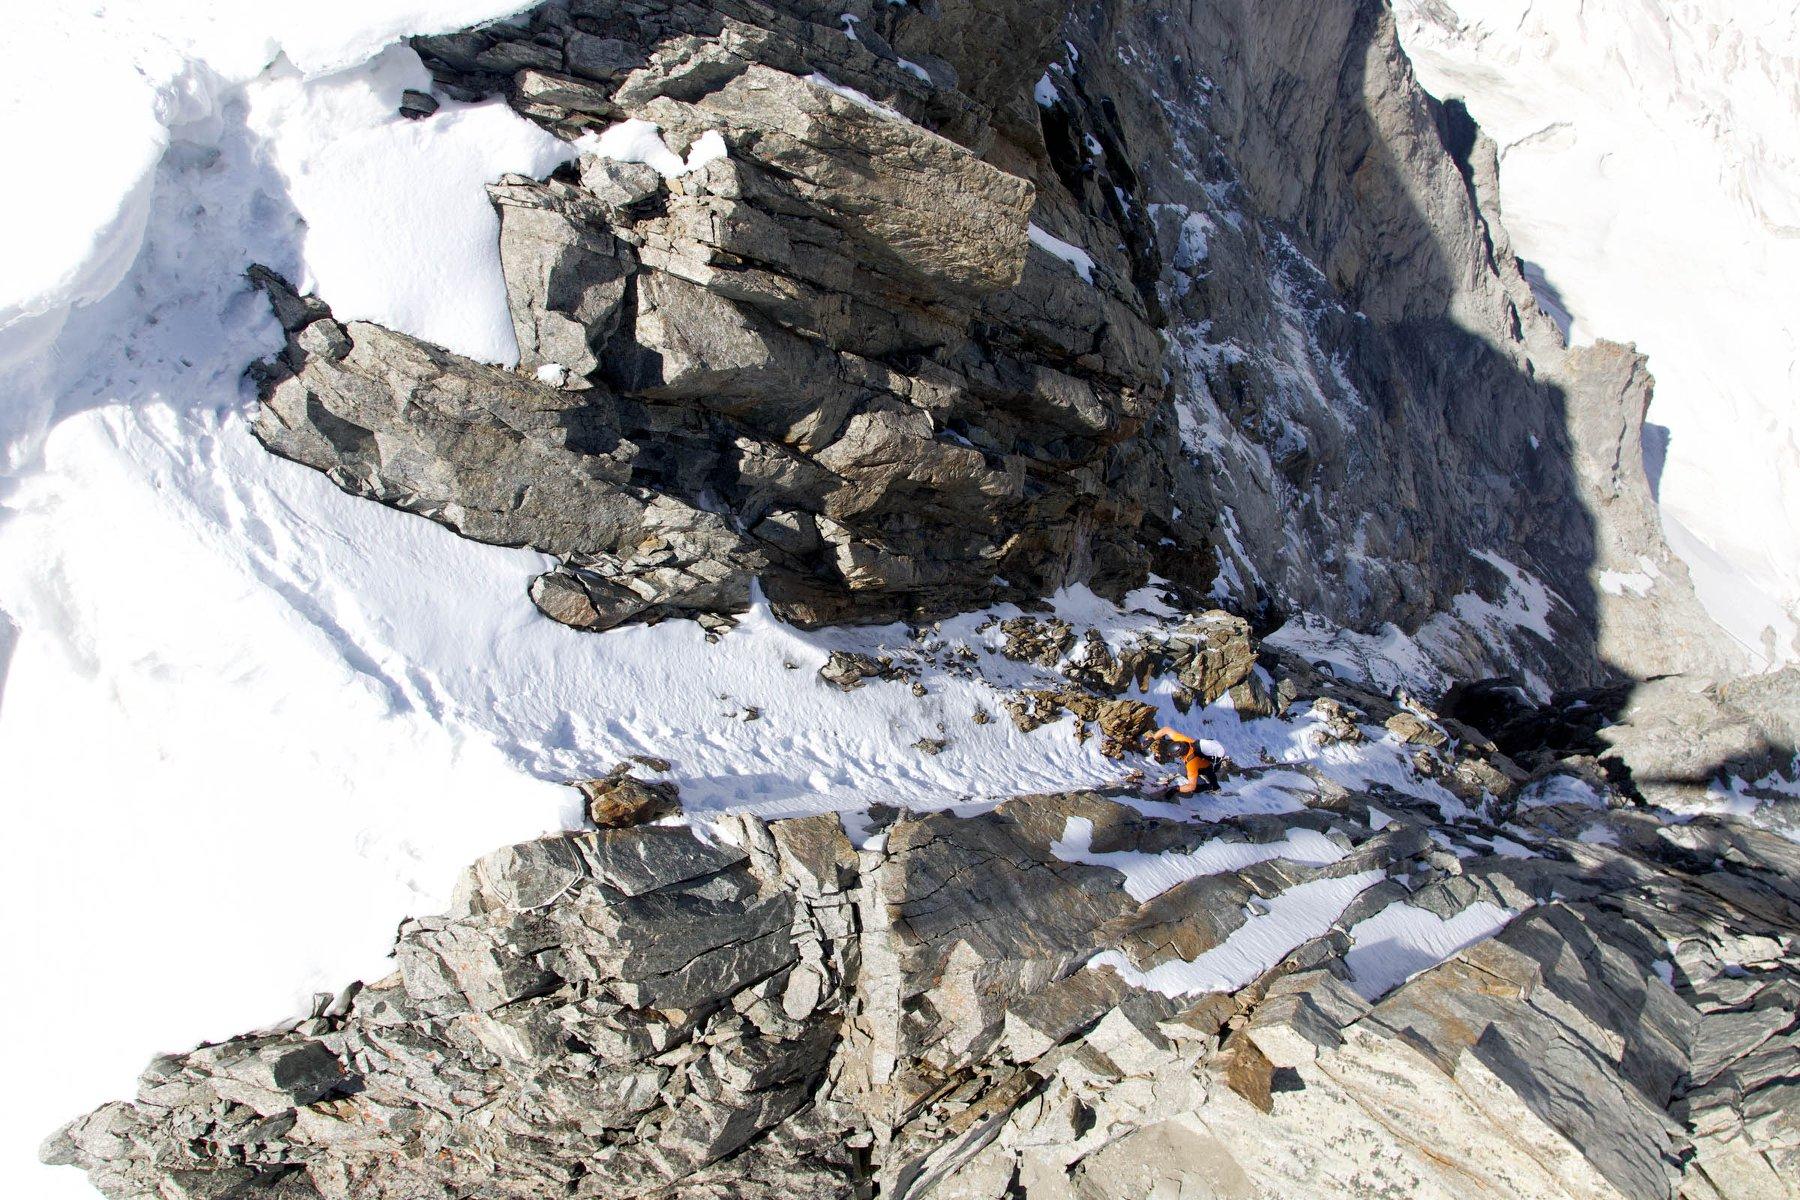 Klettergurt Für 4 Jährige : Dani arnold in 2 stunden und 4 minuten durch die grandes jorasses